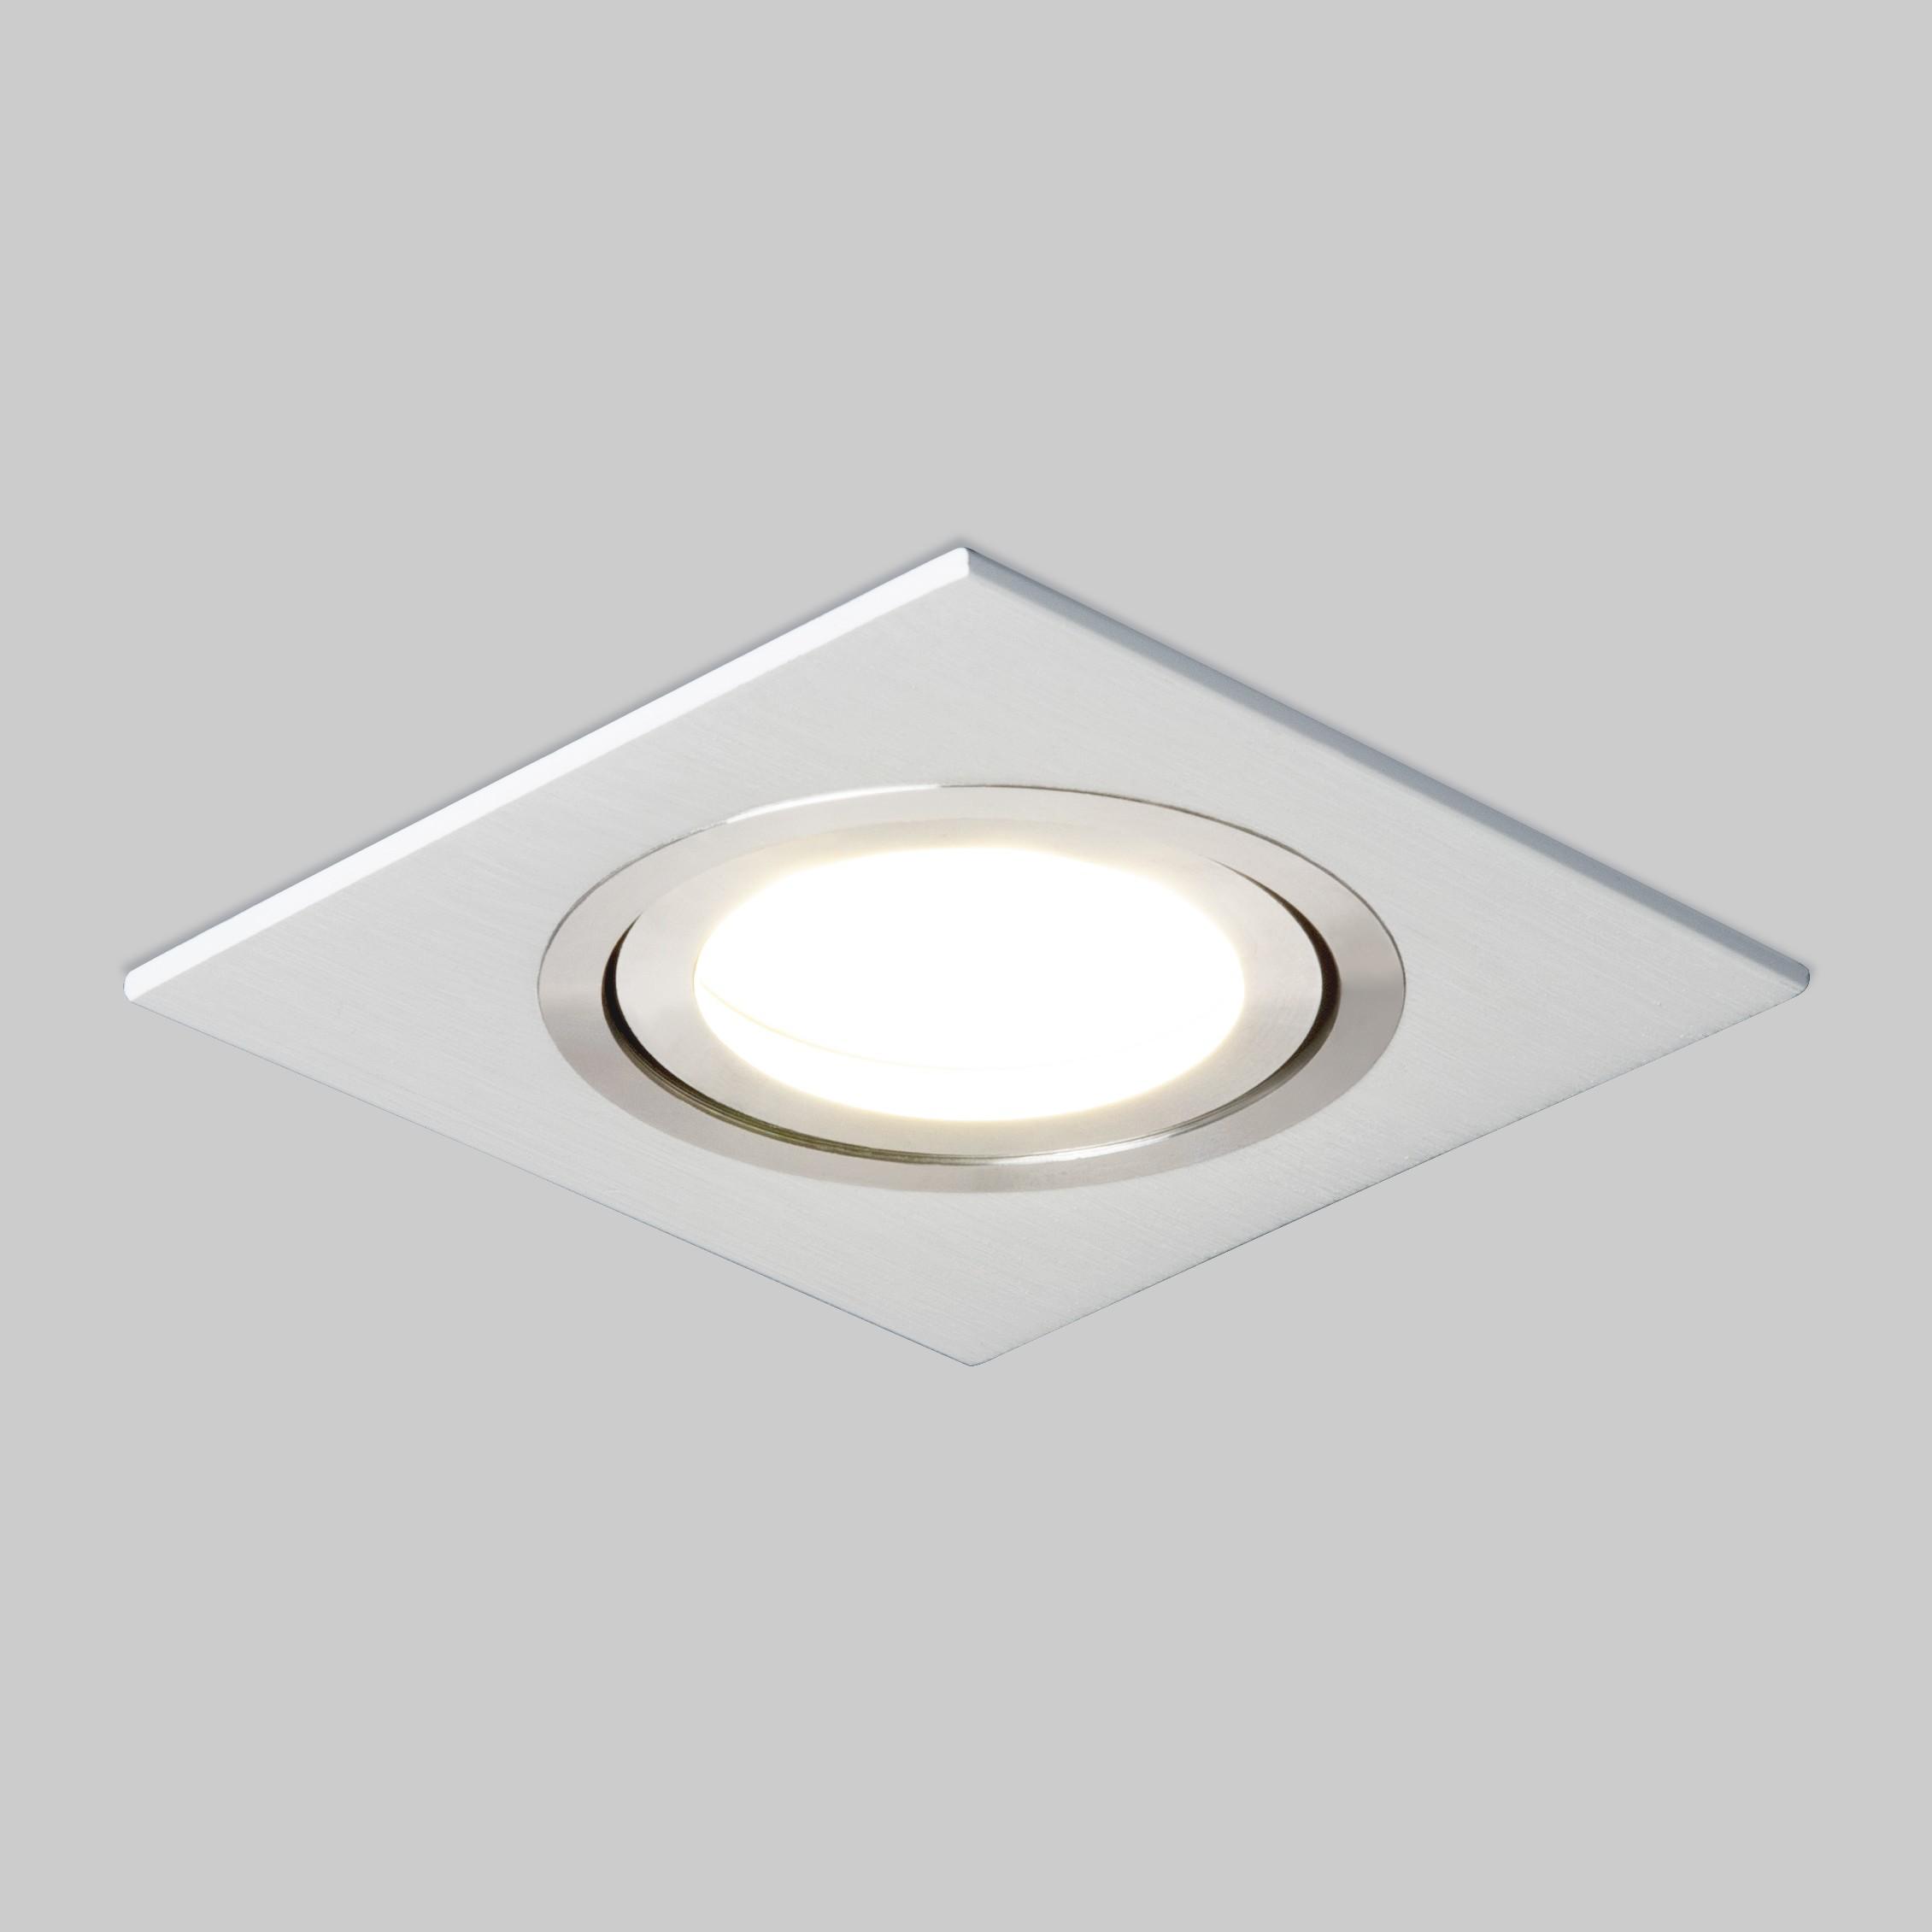 Фото Встраиваемый светильник 1051 a035243